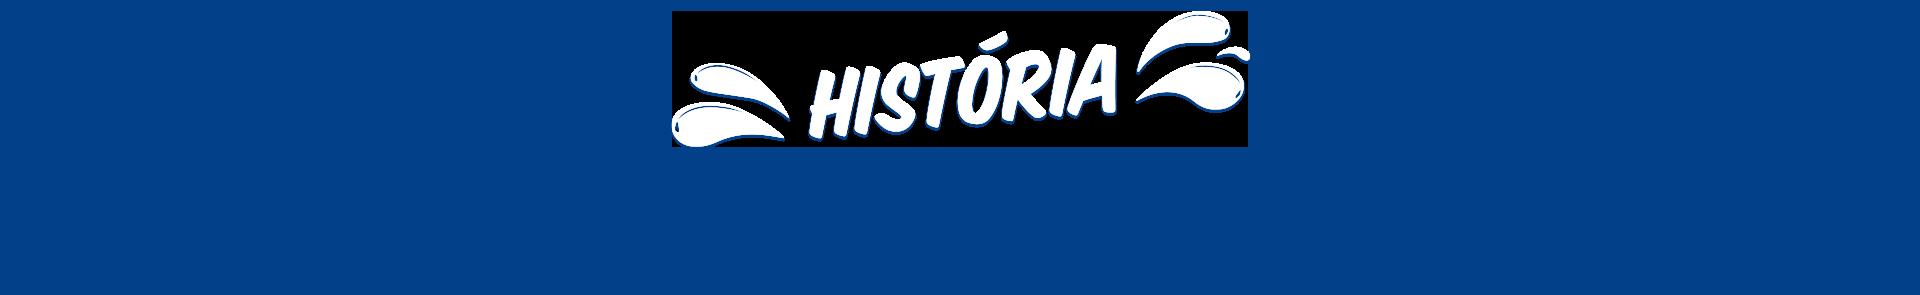 18460-CS_Historia_PT